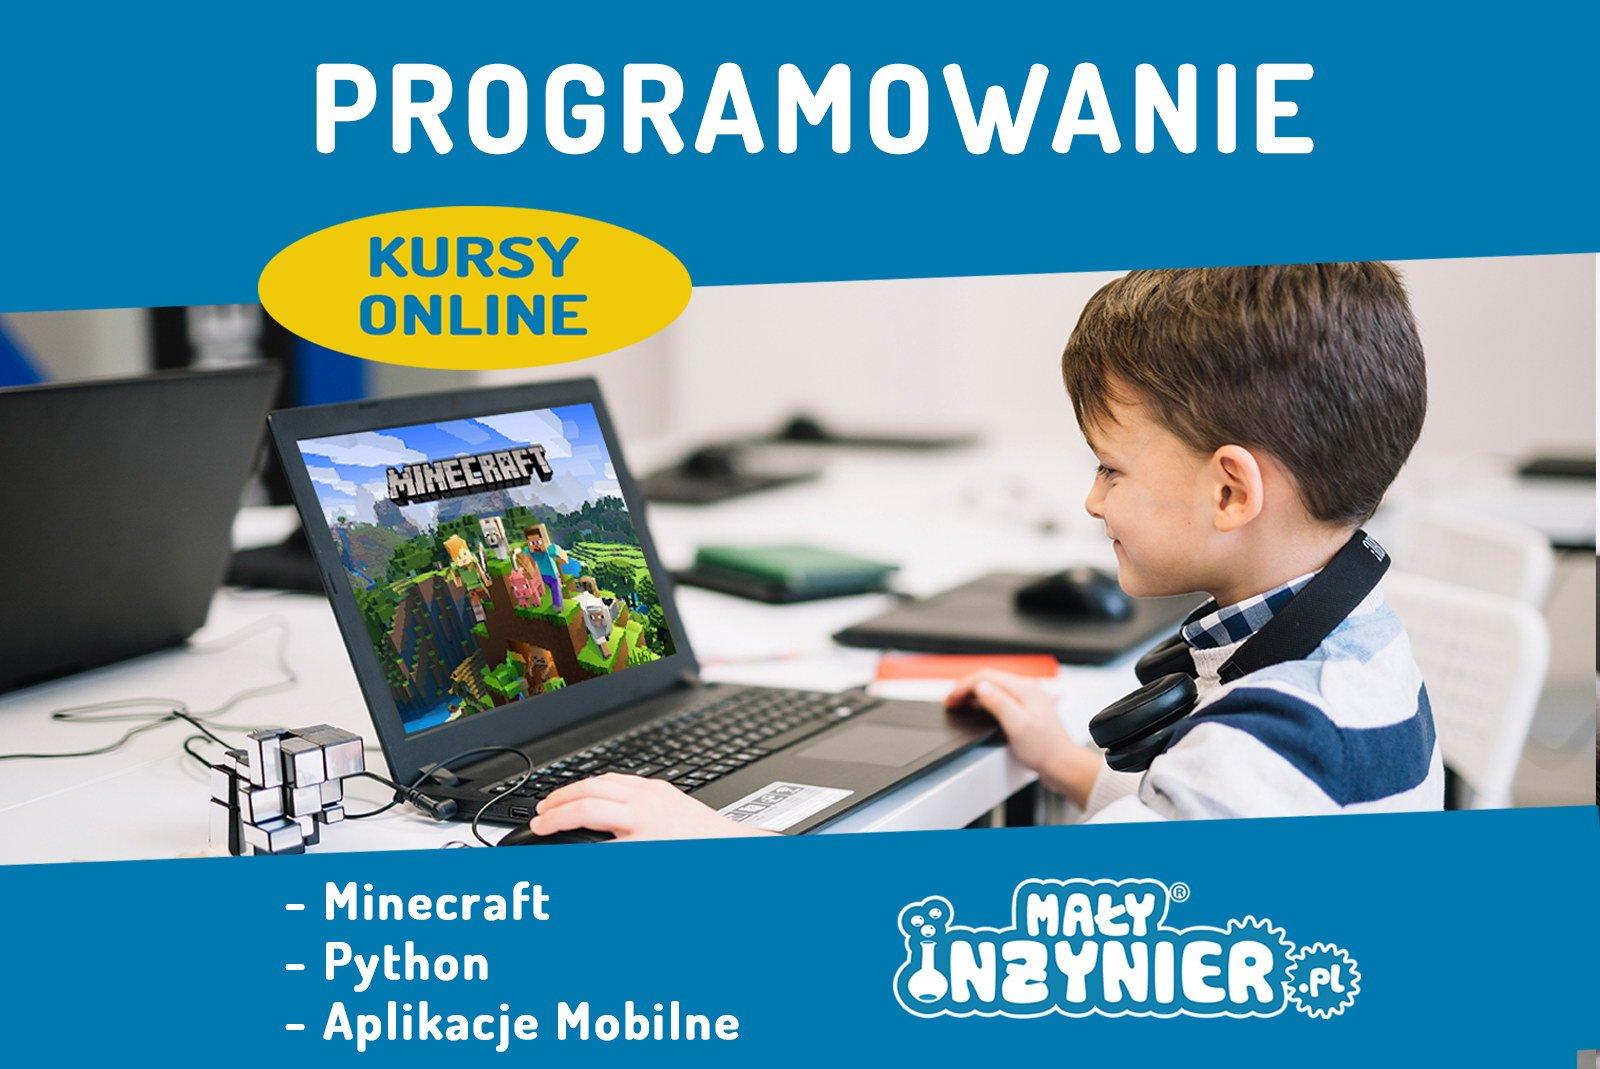 Kursy Programowanie Online